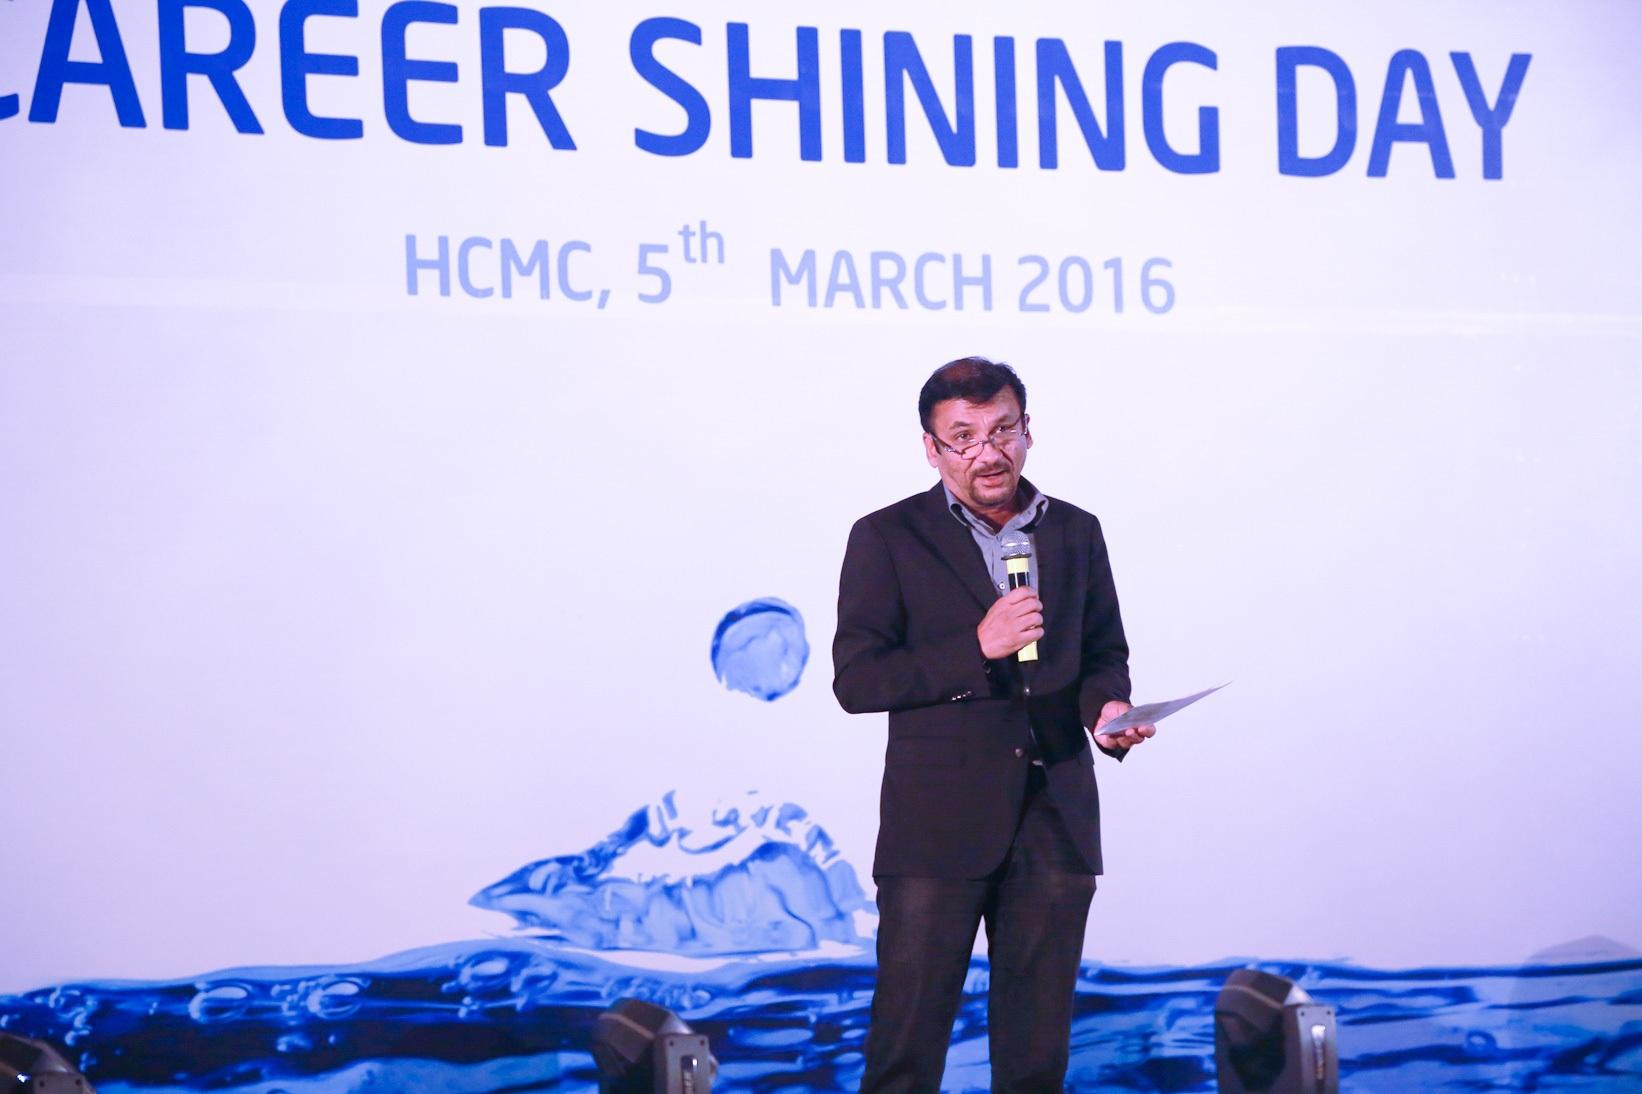 Đặc biệt, Ngày hội có sự tham dự của ông Uday Shankar Sinha - Tổng Giám đốc điều hành Suntory PepsiCo Việt Nam